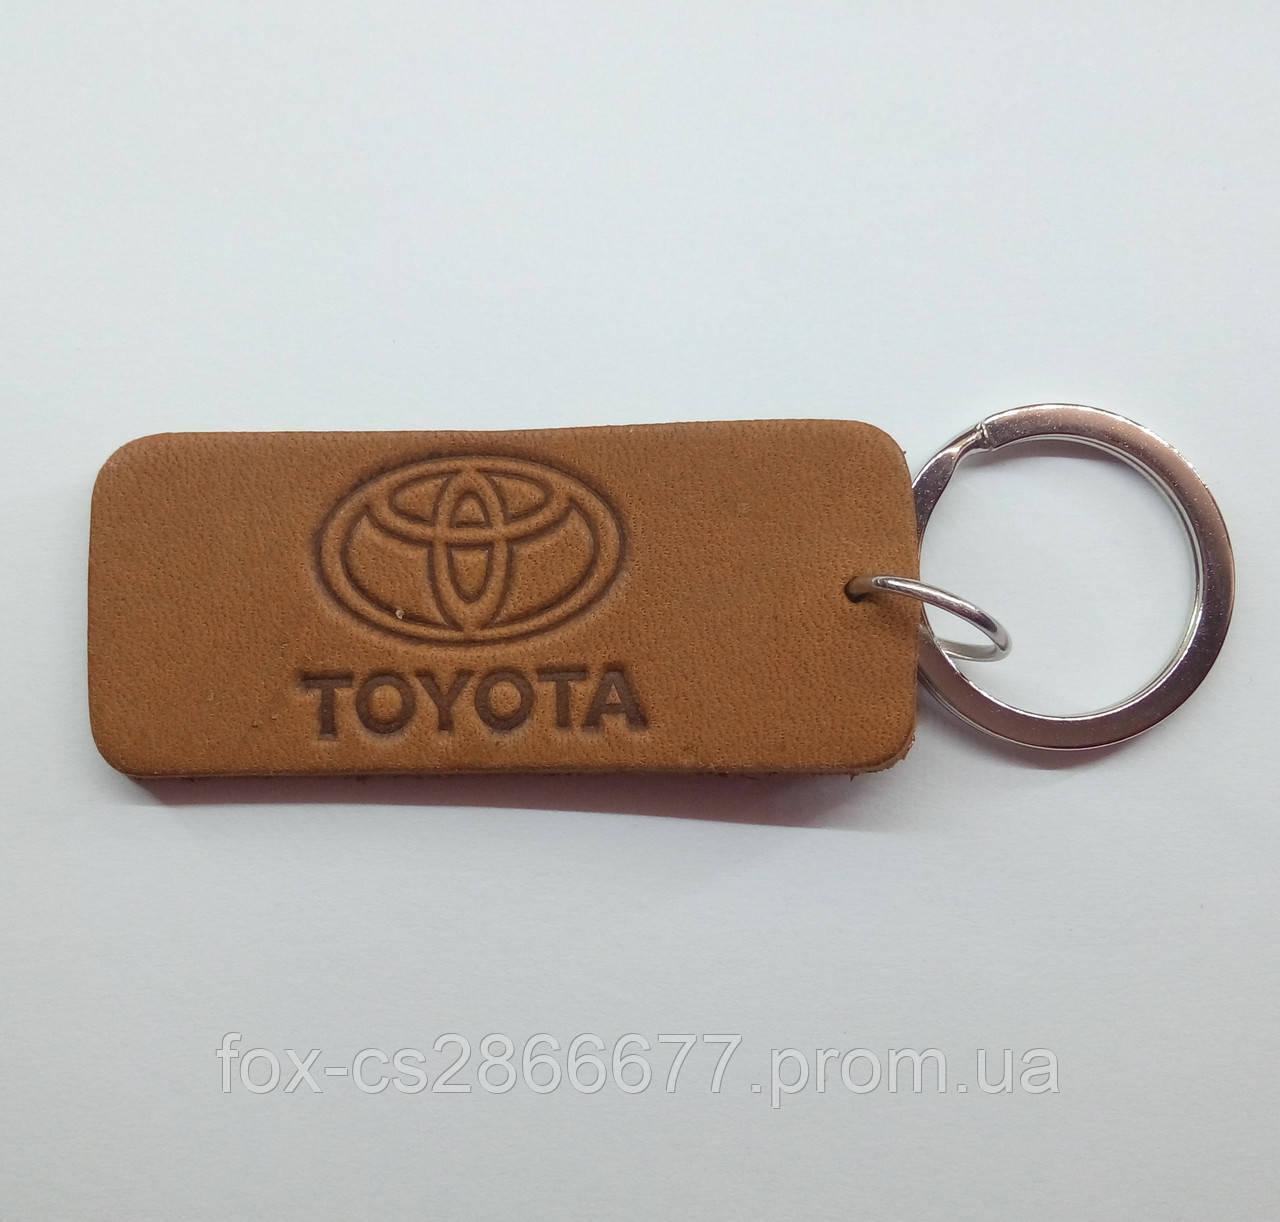 Кожаный брелок / Марки авто / Toyota